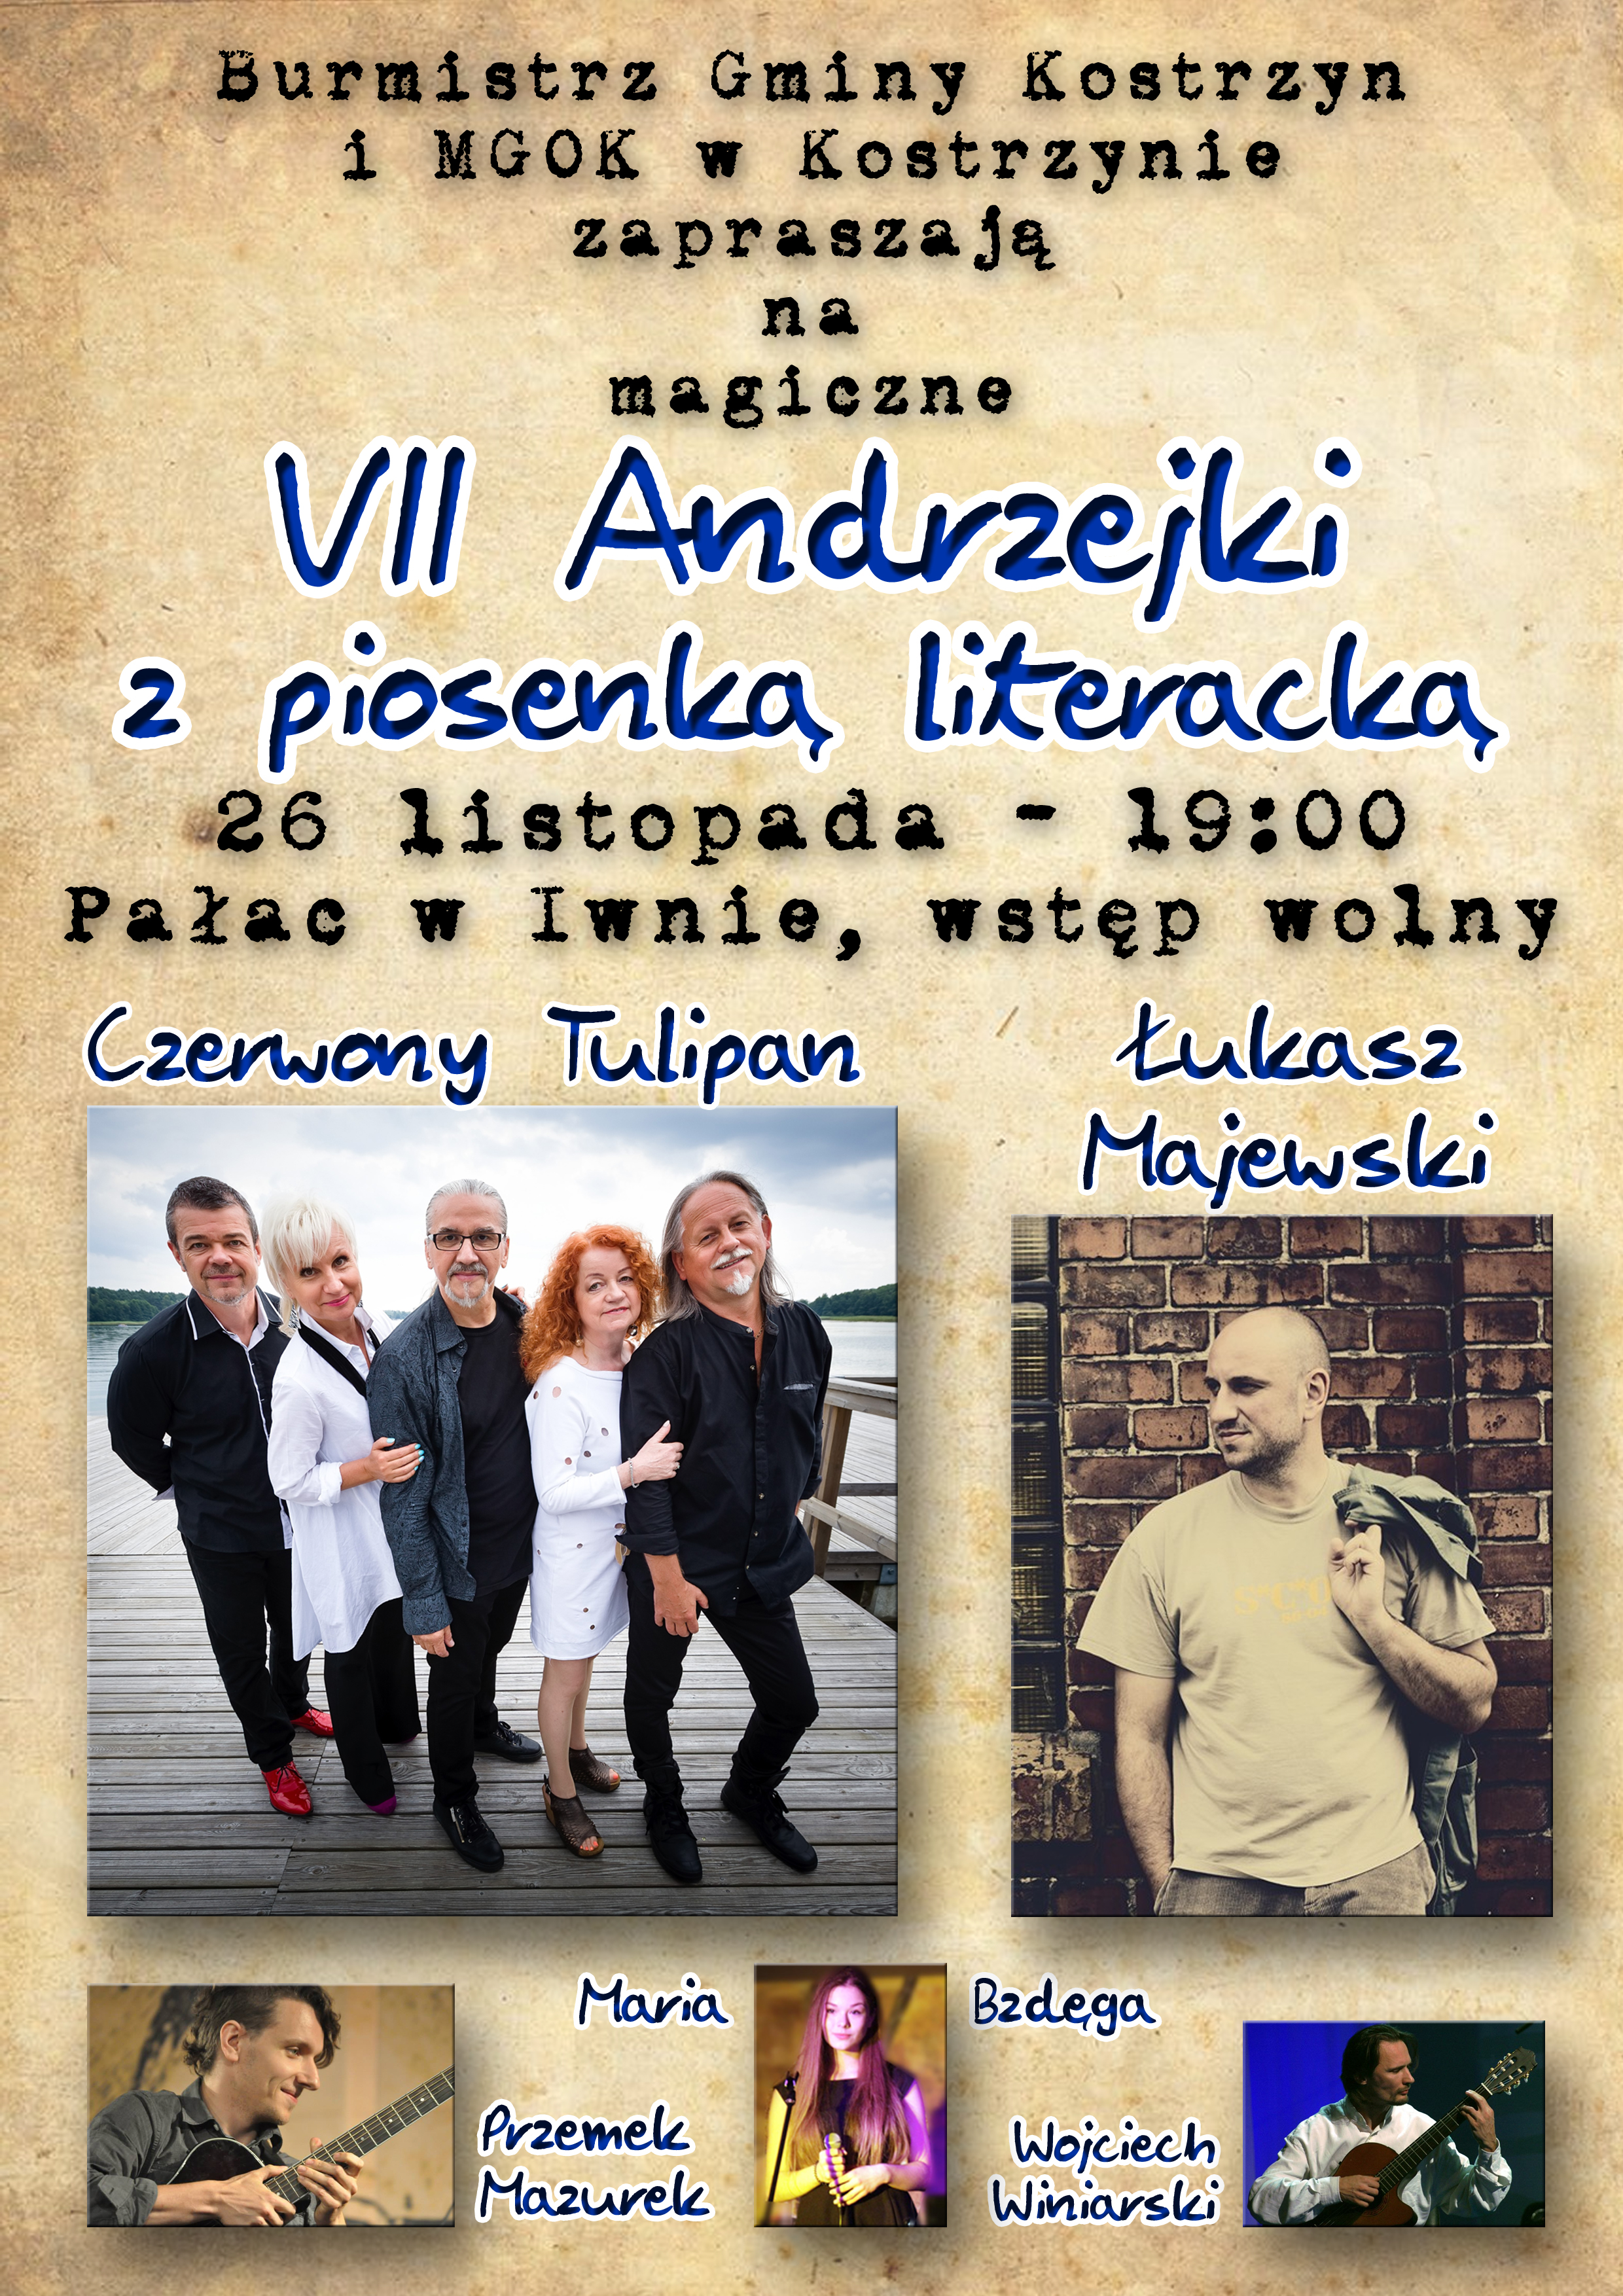 Andrzejki z piosenką